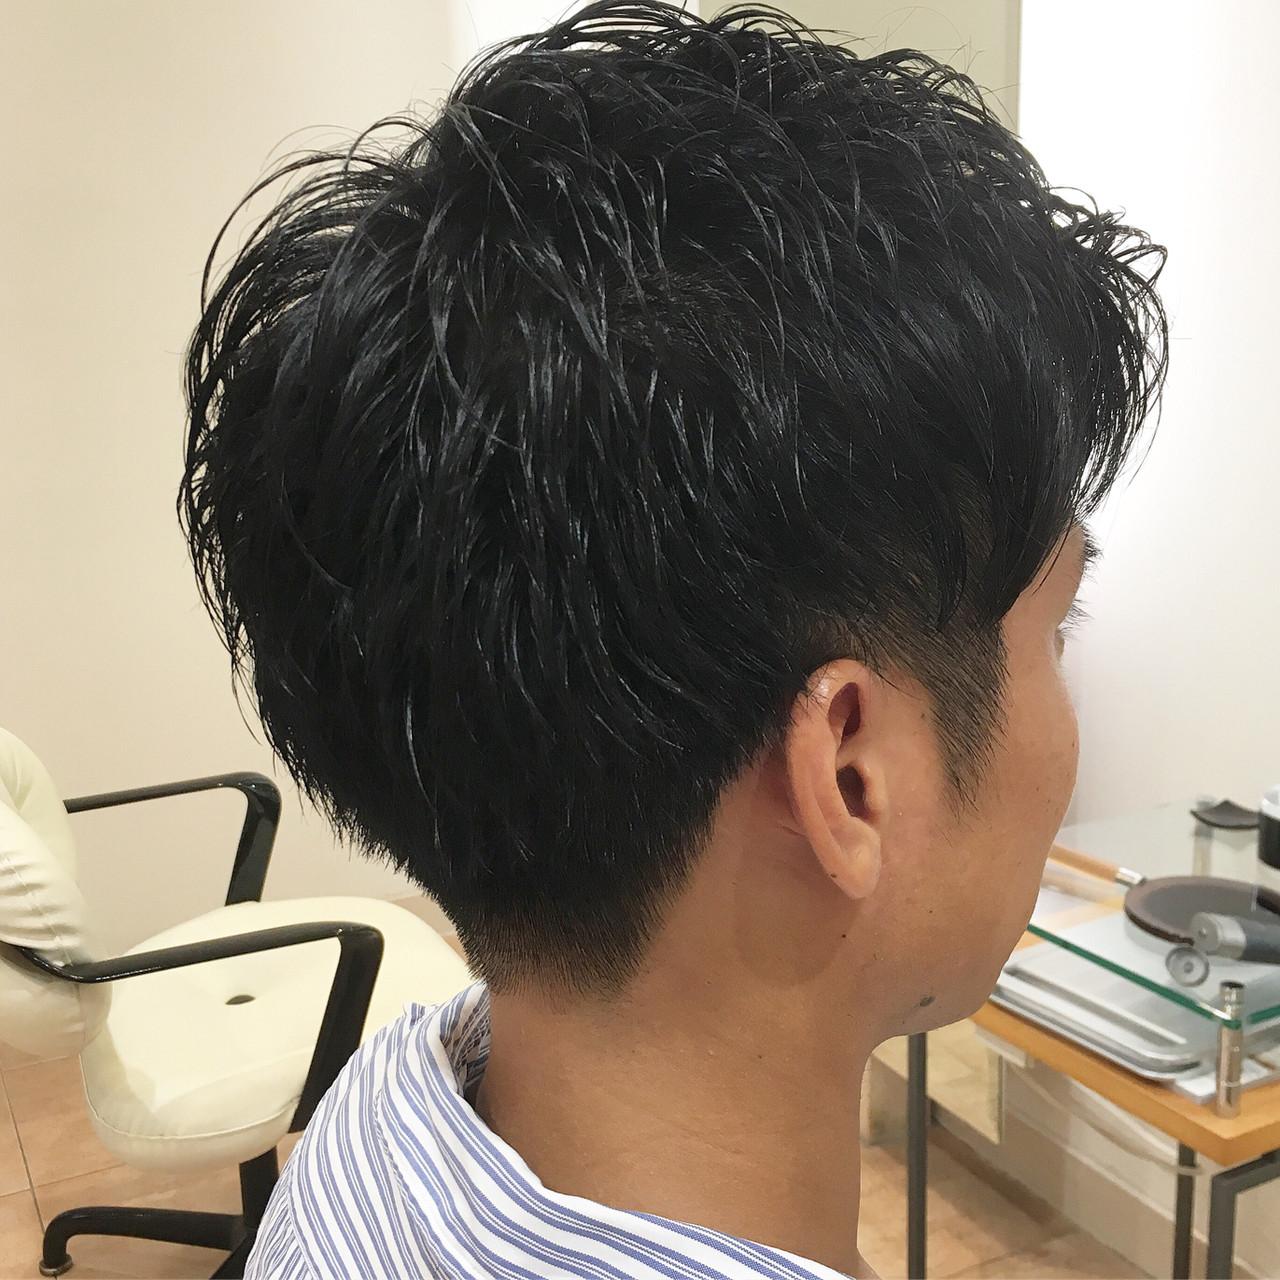 ツーブロック メンズ ベリーショート ウェット ヘアスタイルや髪型の写真・画像